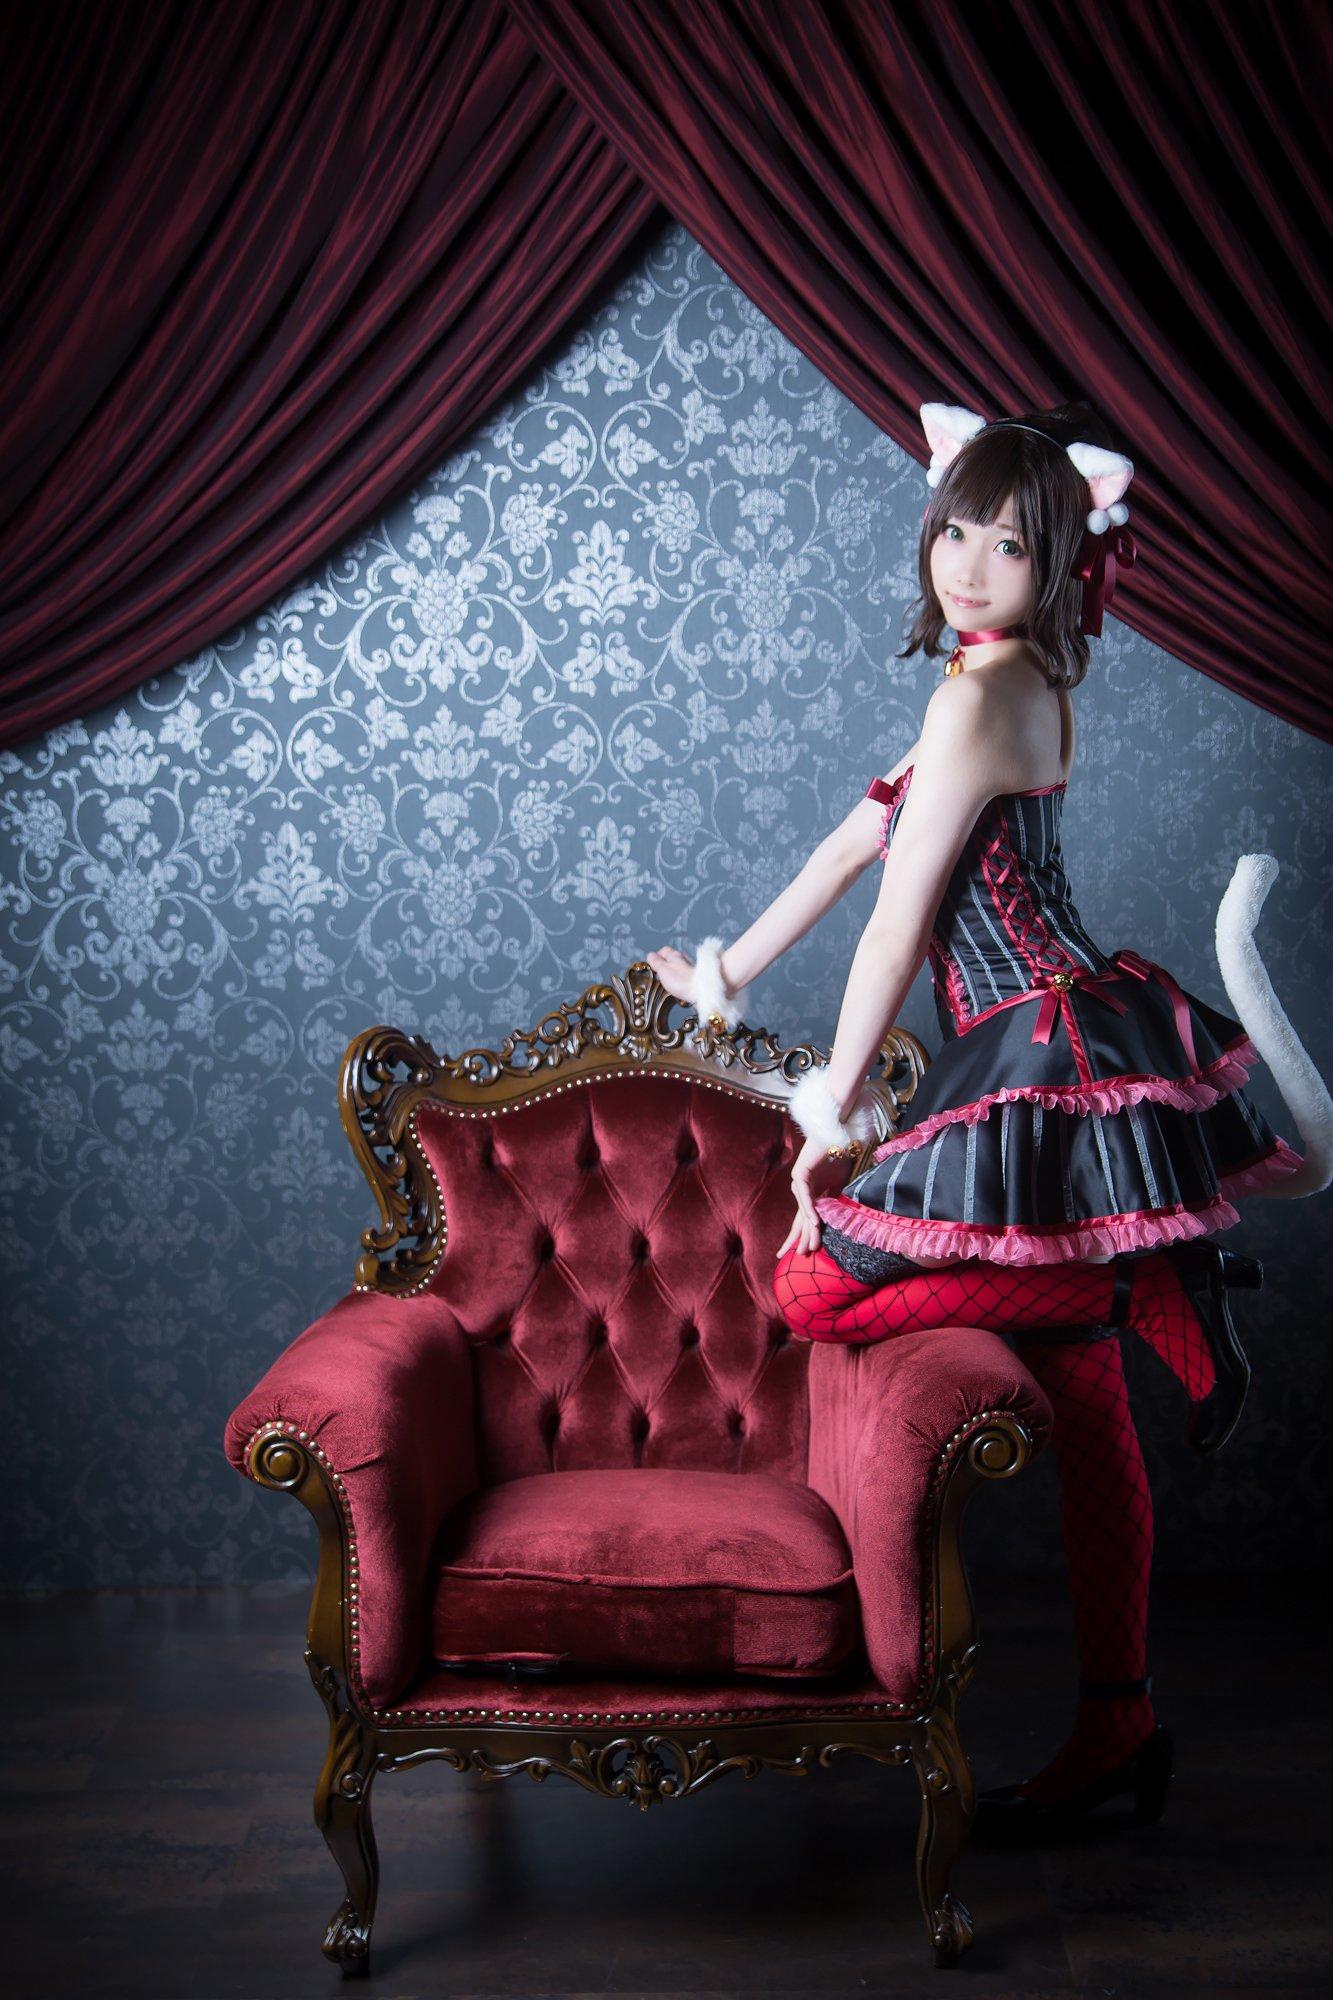 画像,THE IDOLM@STER  CINDERELLA GIRLS[セクシーキャット]前川みく+photo すいまさん(@SuimA7) https://t.co…